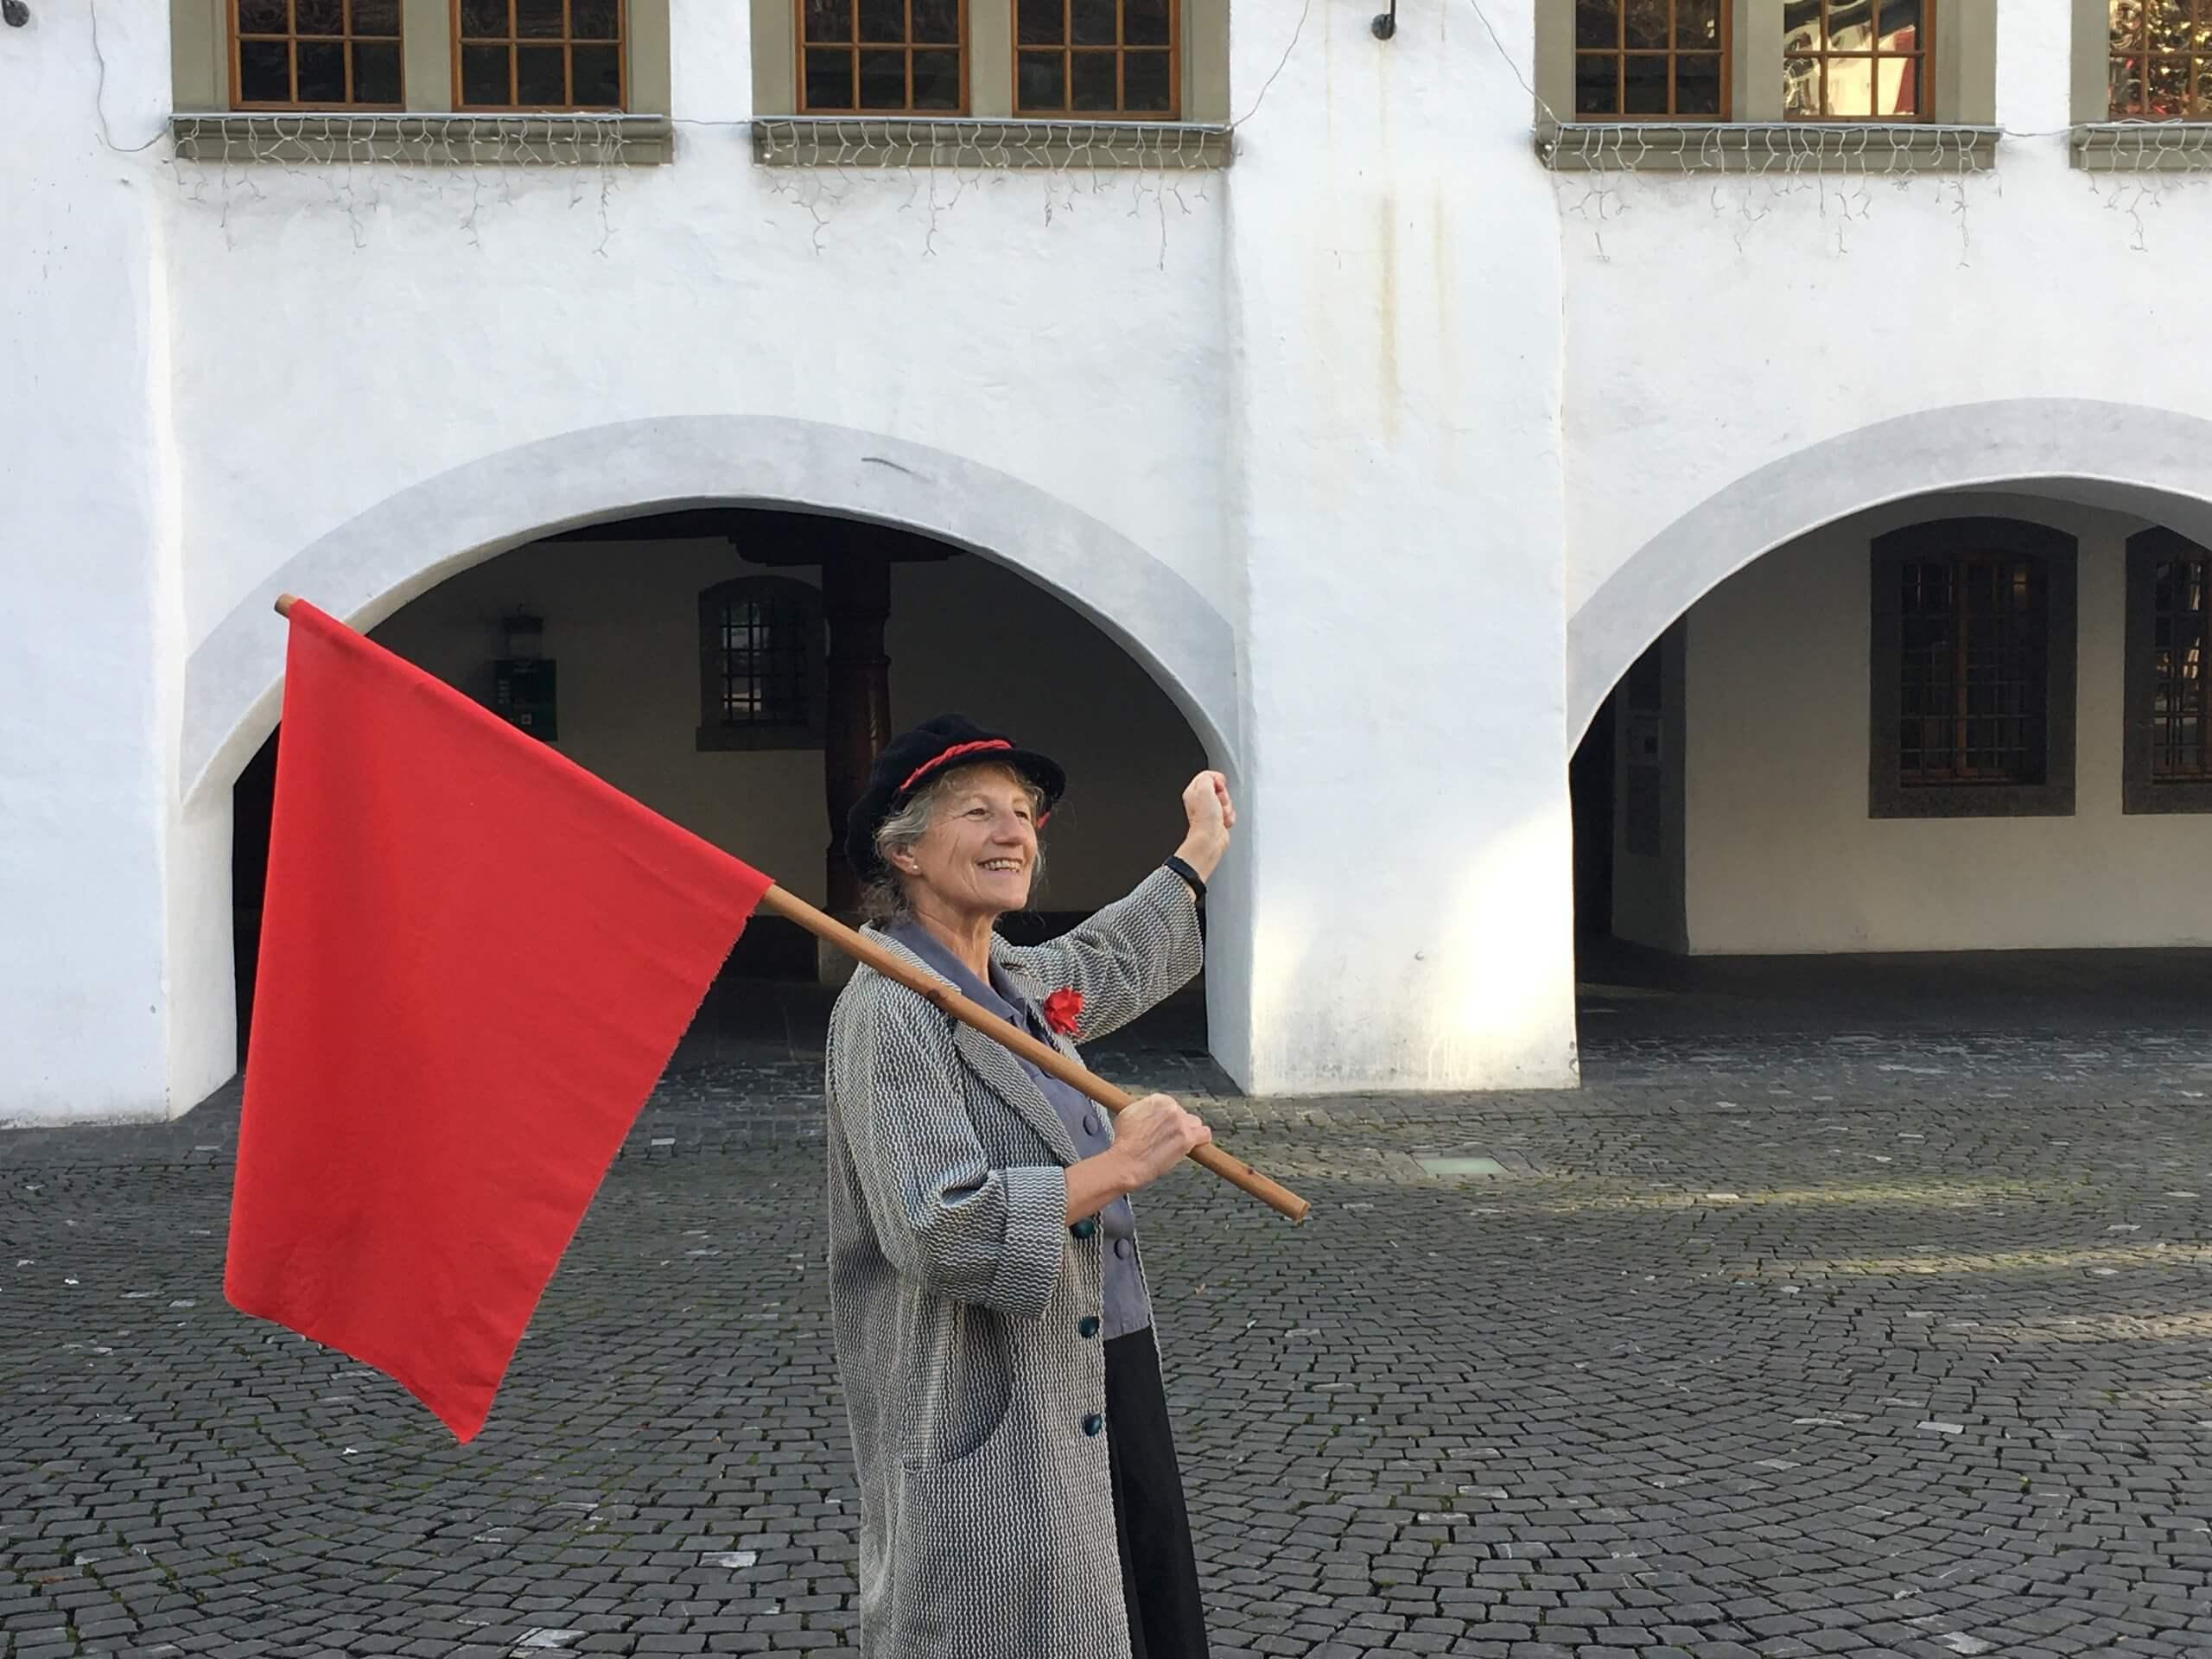 thun-stadtfuehrung-thun-im-aufbruch-rote-fahne-rathaus.jpg